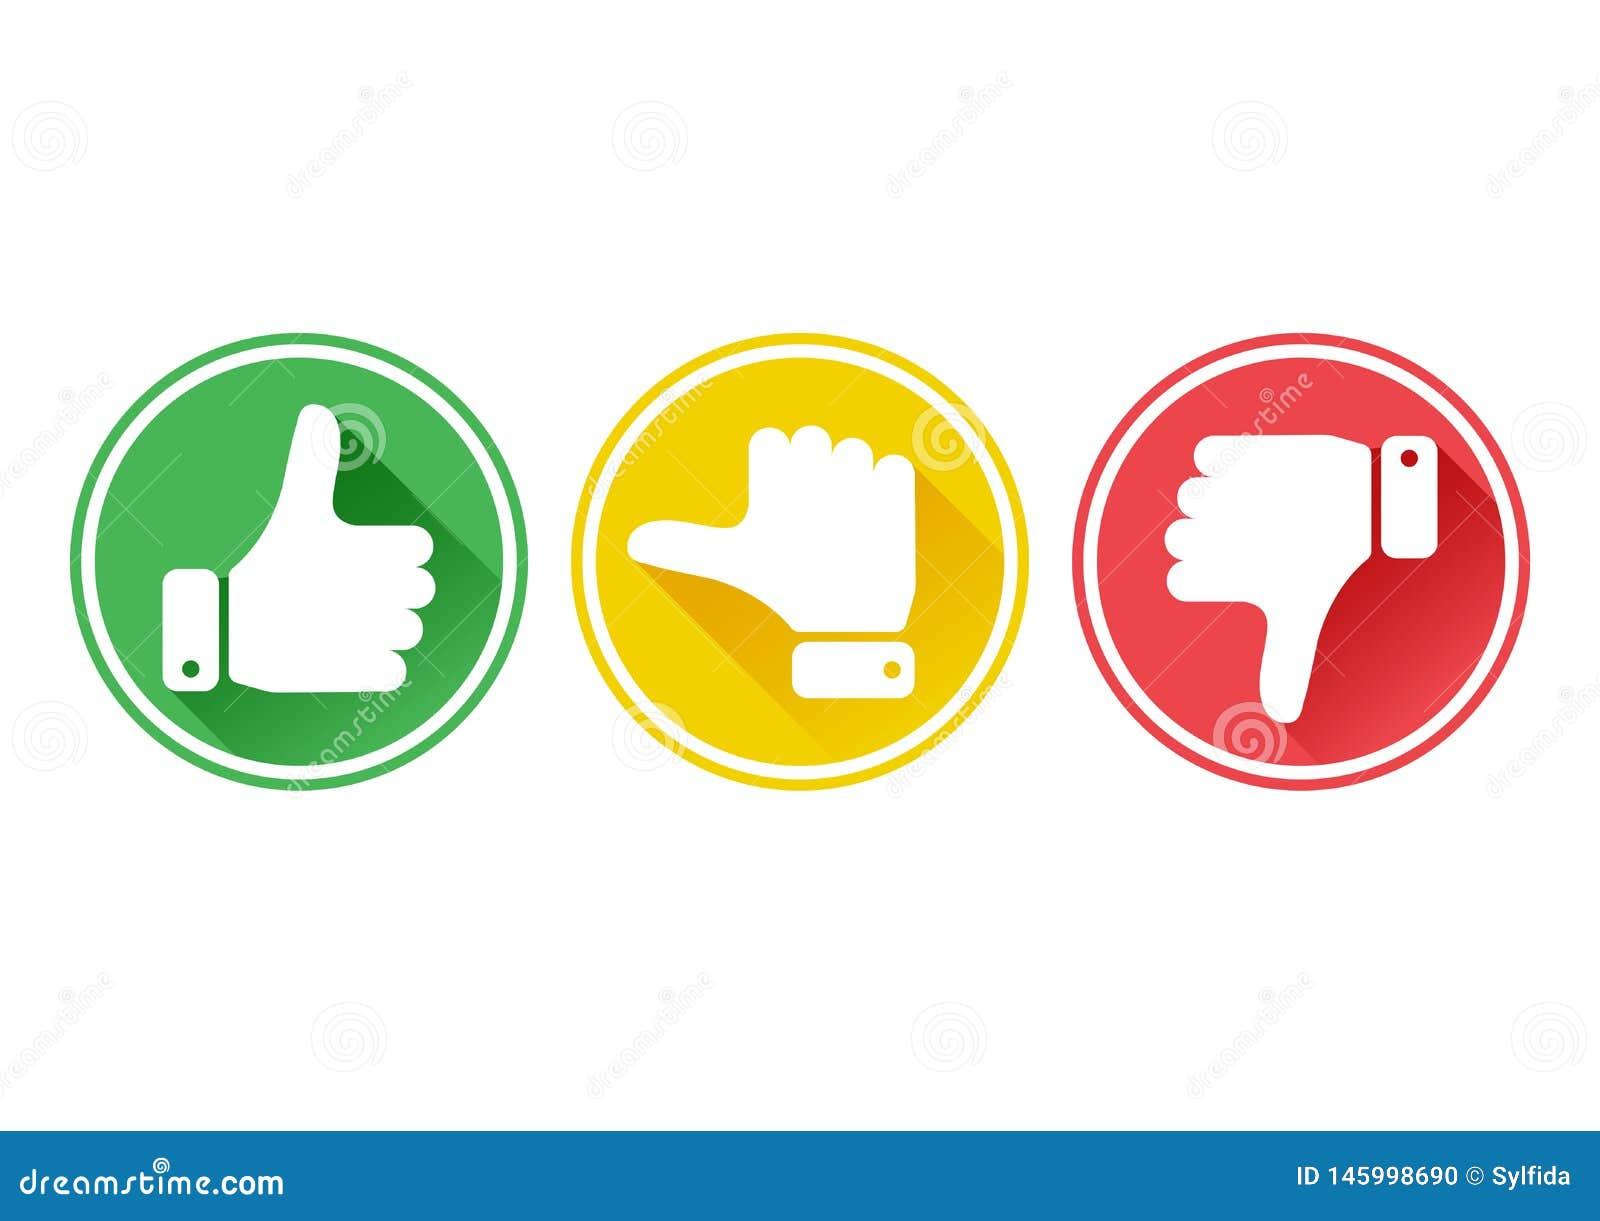 有拇指的手在绿色,黄色和红色按钮 ??